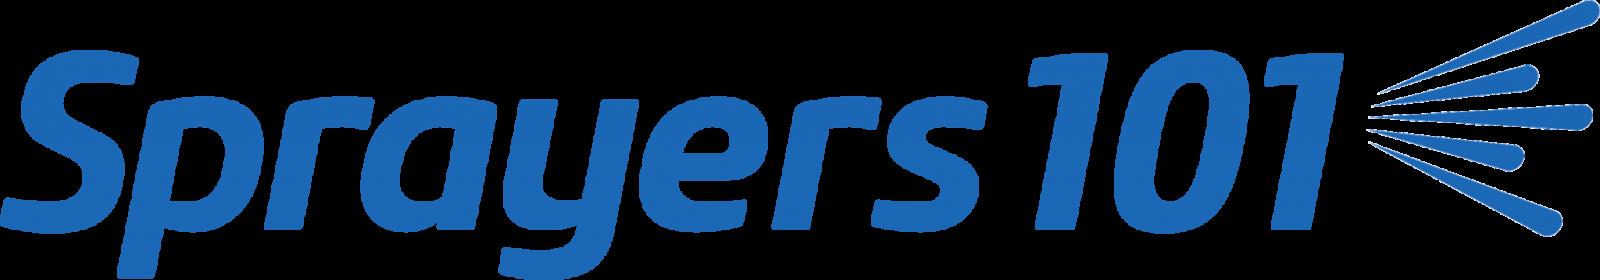 Sprayers101.com site logo